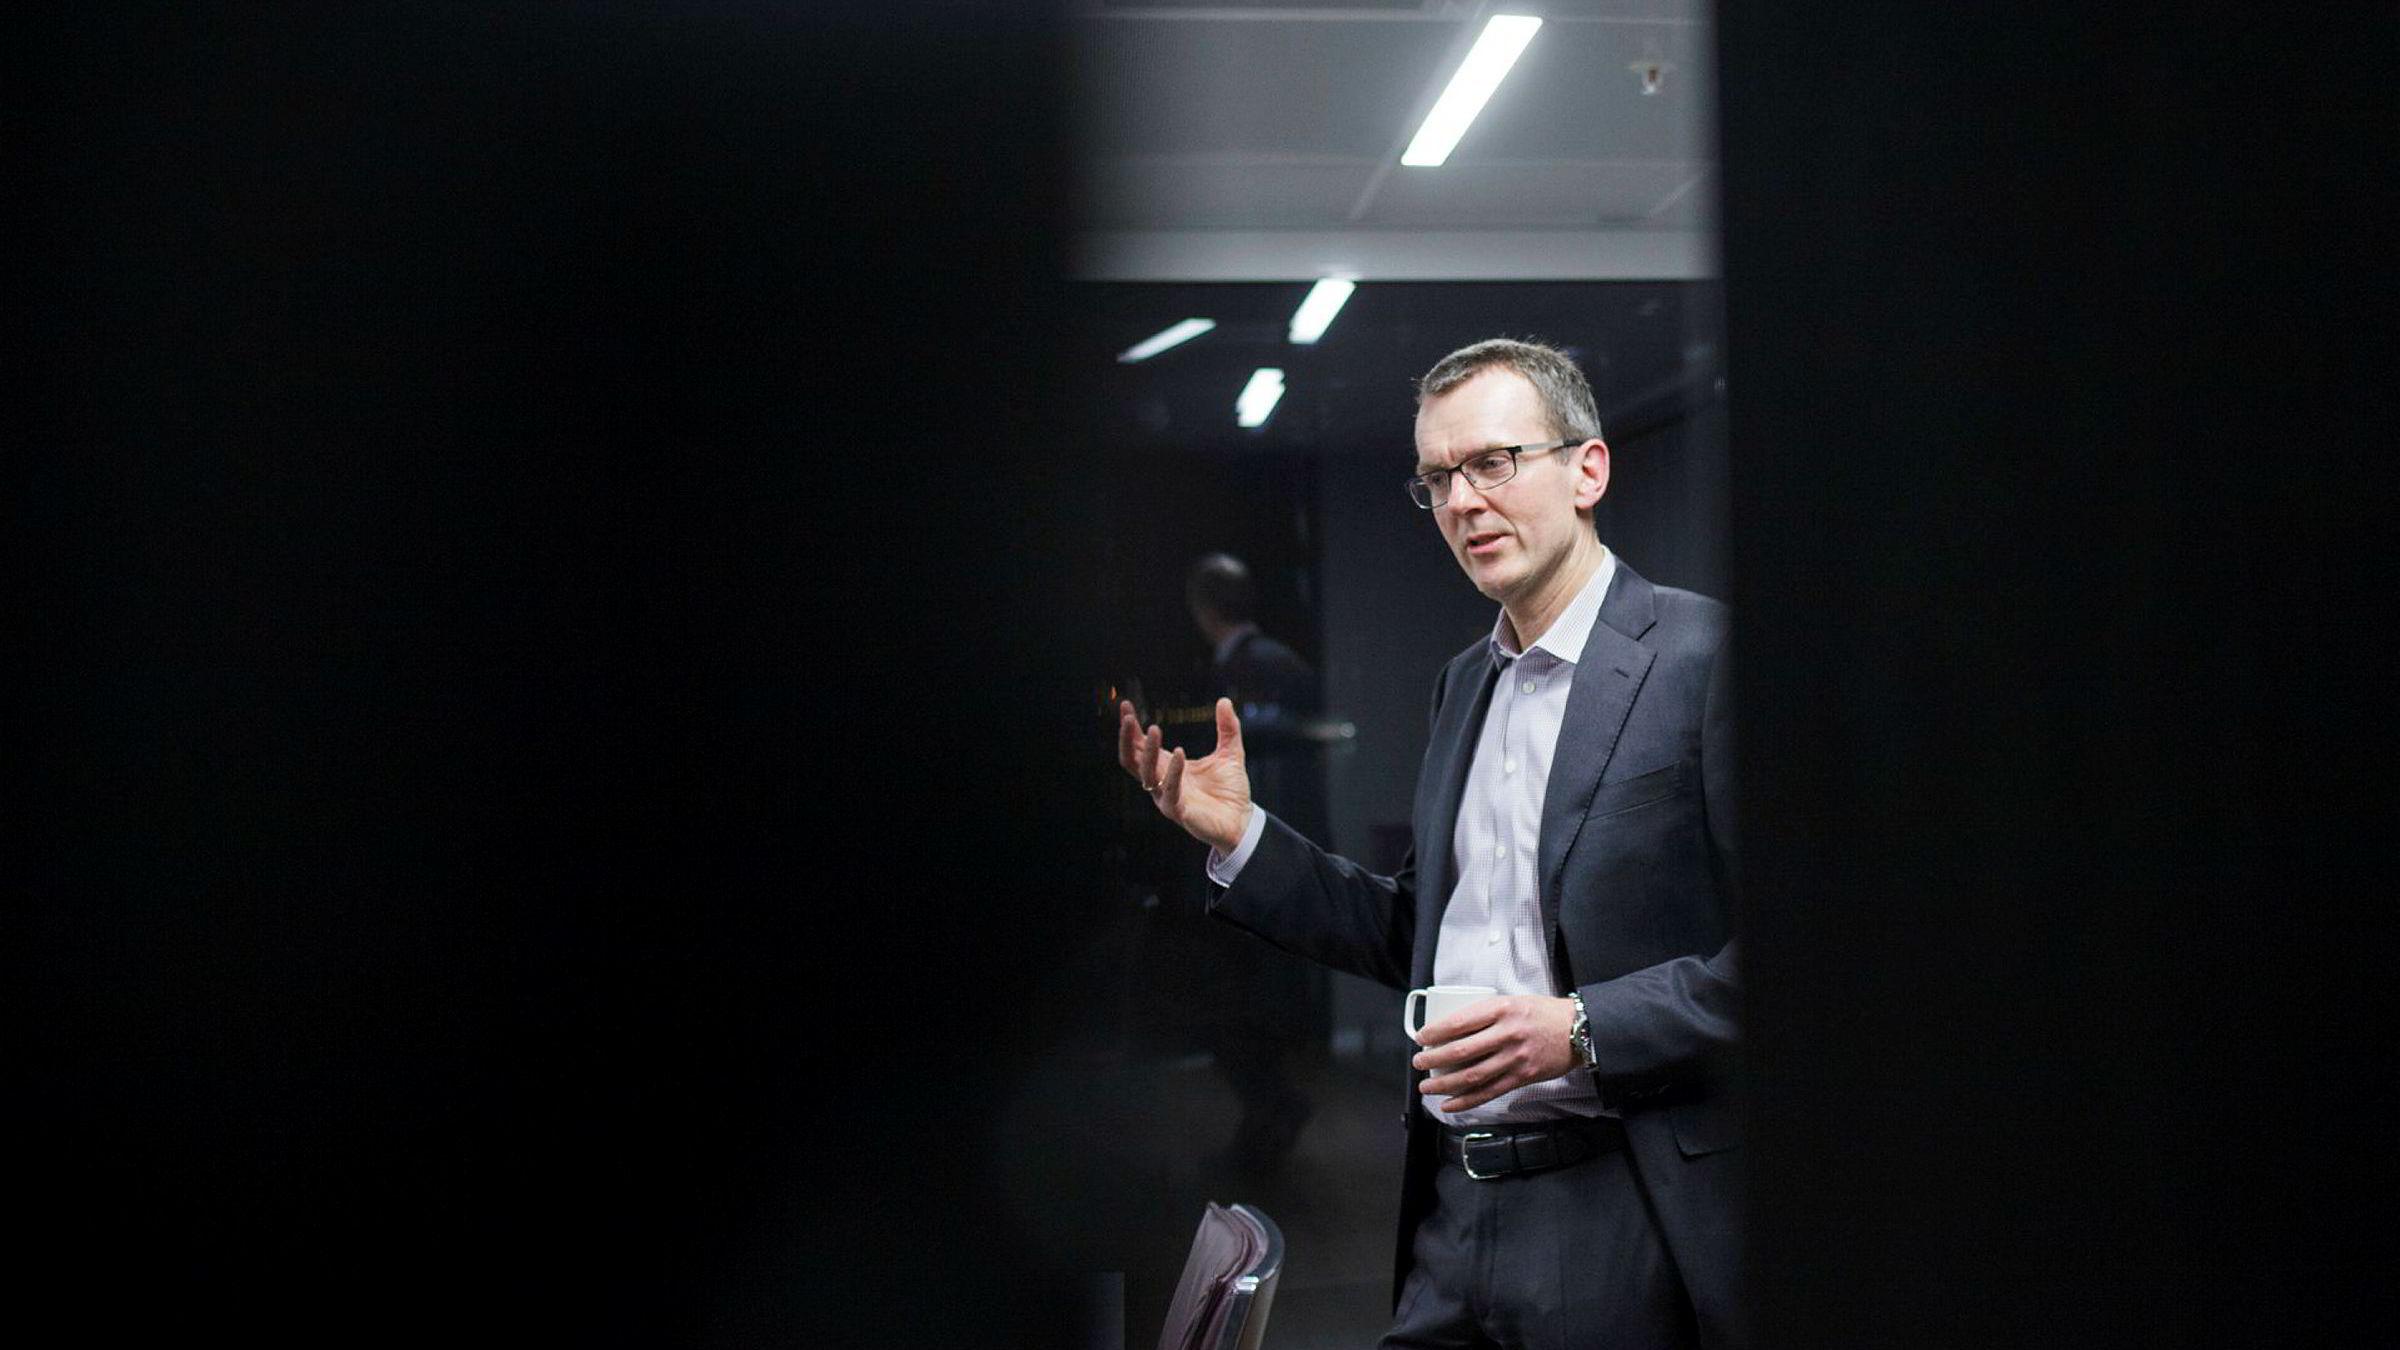 Digitalisering og automatisering kan halvere antall ansatte i finansnæringen det neste tiåret. Sjef og eier av Pareto, Svein Støle, synes likevel ikke de unge på vei inn i bransjen skal være bekymret.